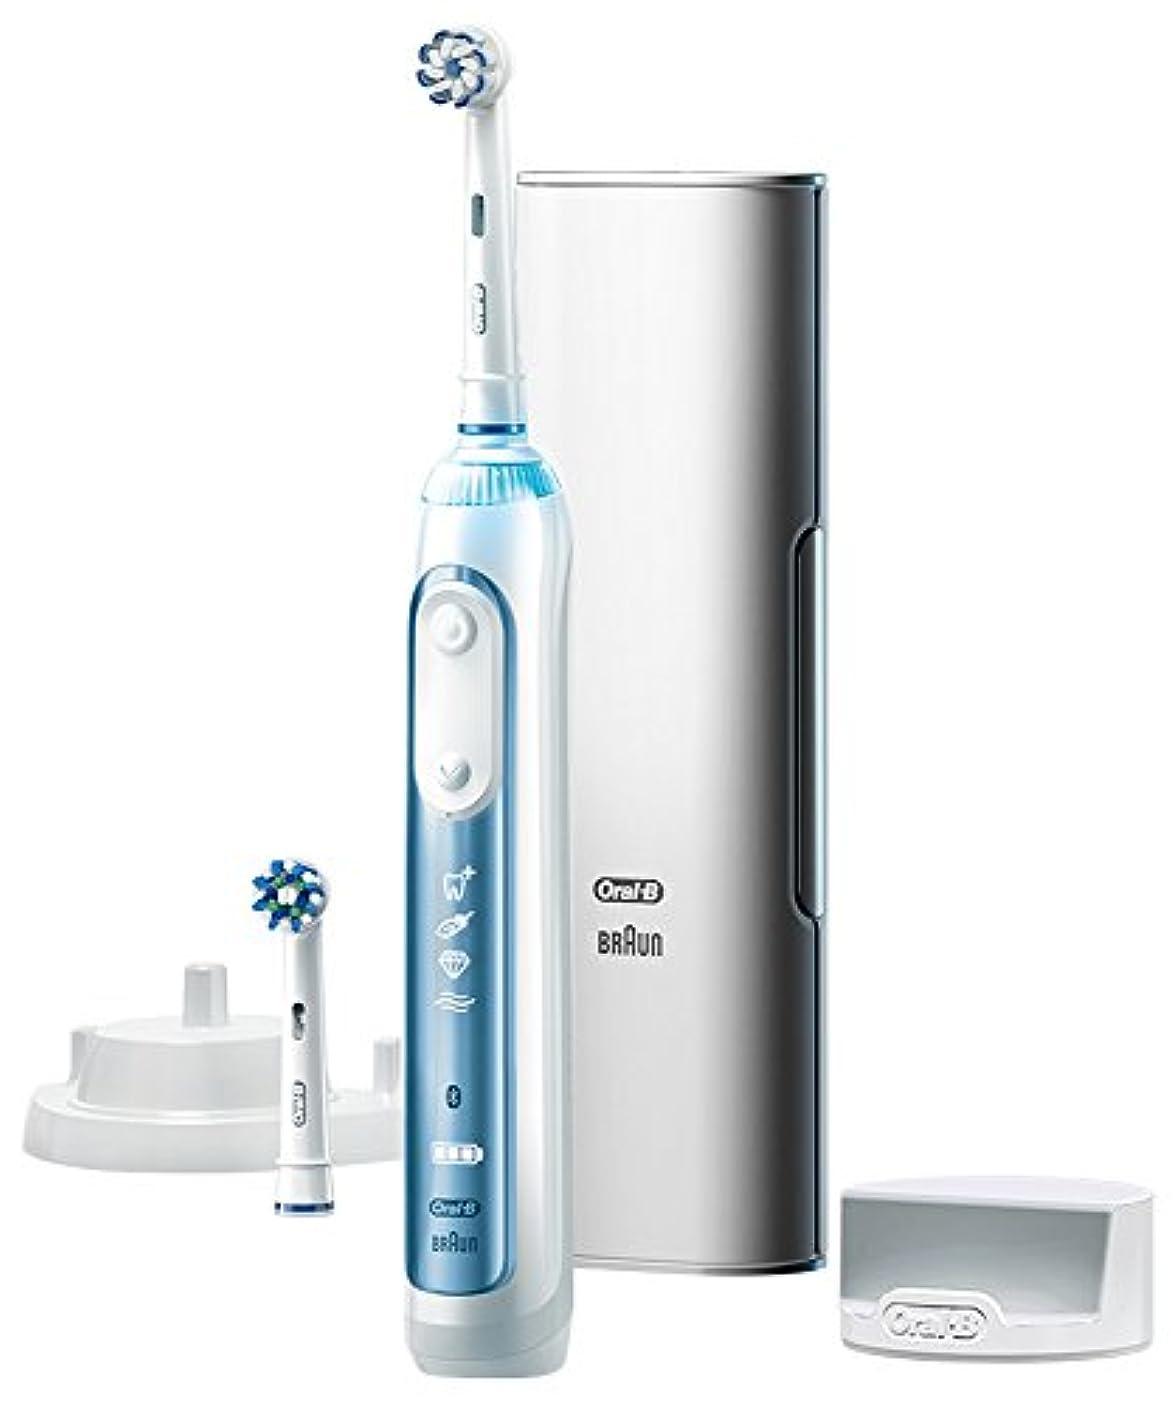 カバーベルベット問題ブラウン オーラルB 電動歯ブラシ スマート7000 D7005245XP D7005245XP